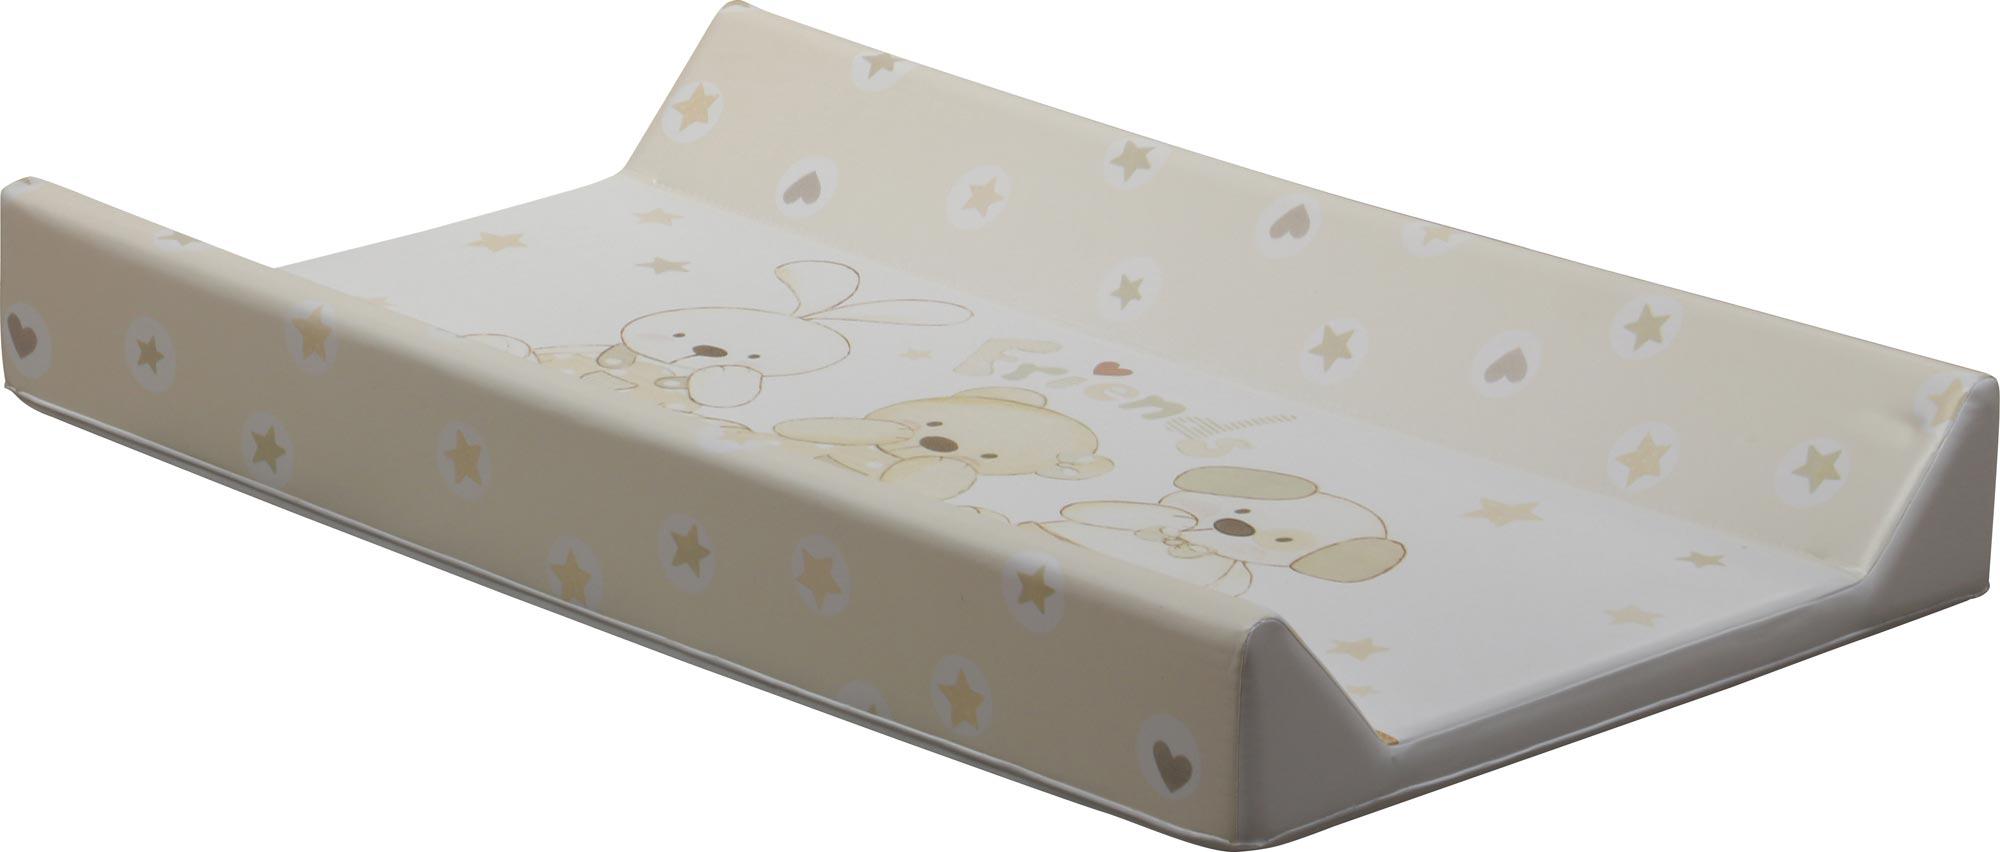 table langer avec baignoire 7 d cors matelas commode b b meuble laver ebay. Black Bedroom Furniture Sets. Home Design Ideas